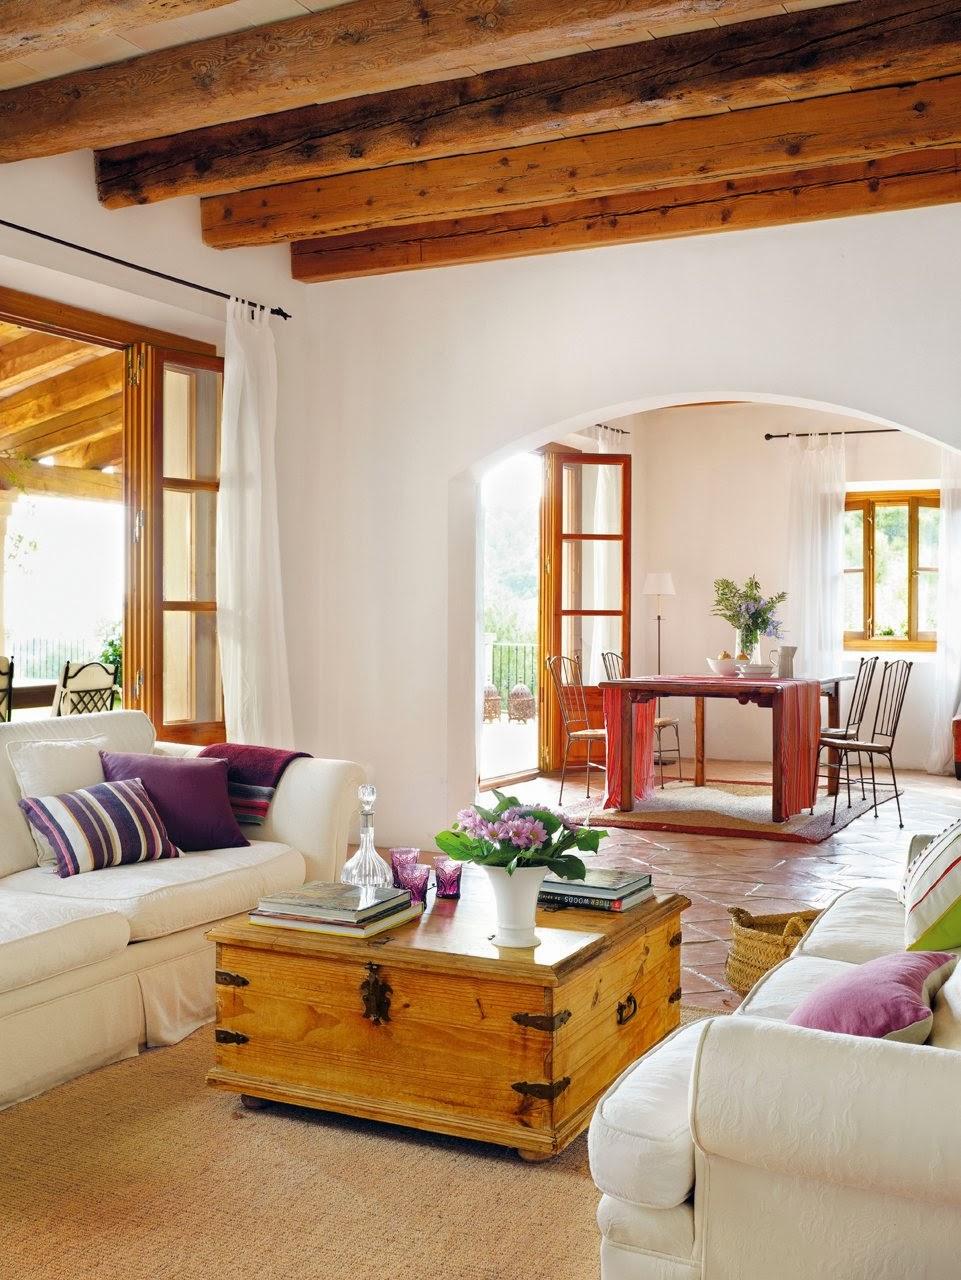 Muebles de doble uso - Decoracion con vigas de madera ...